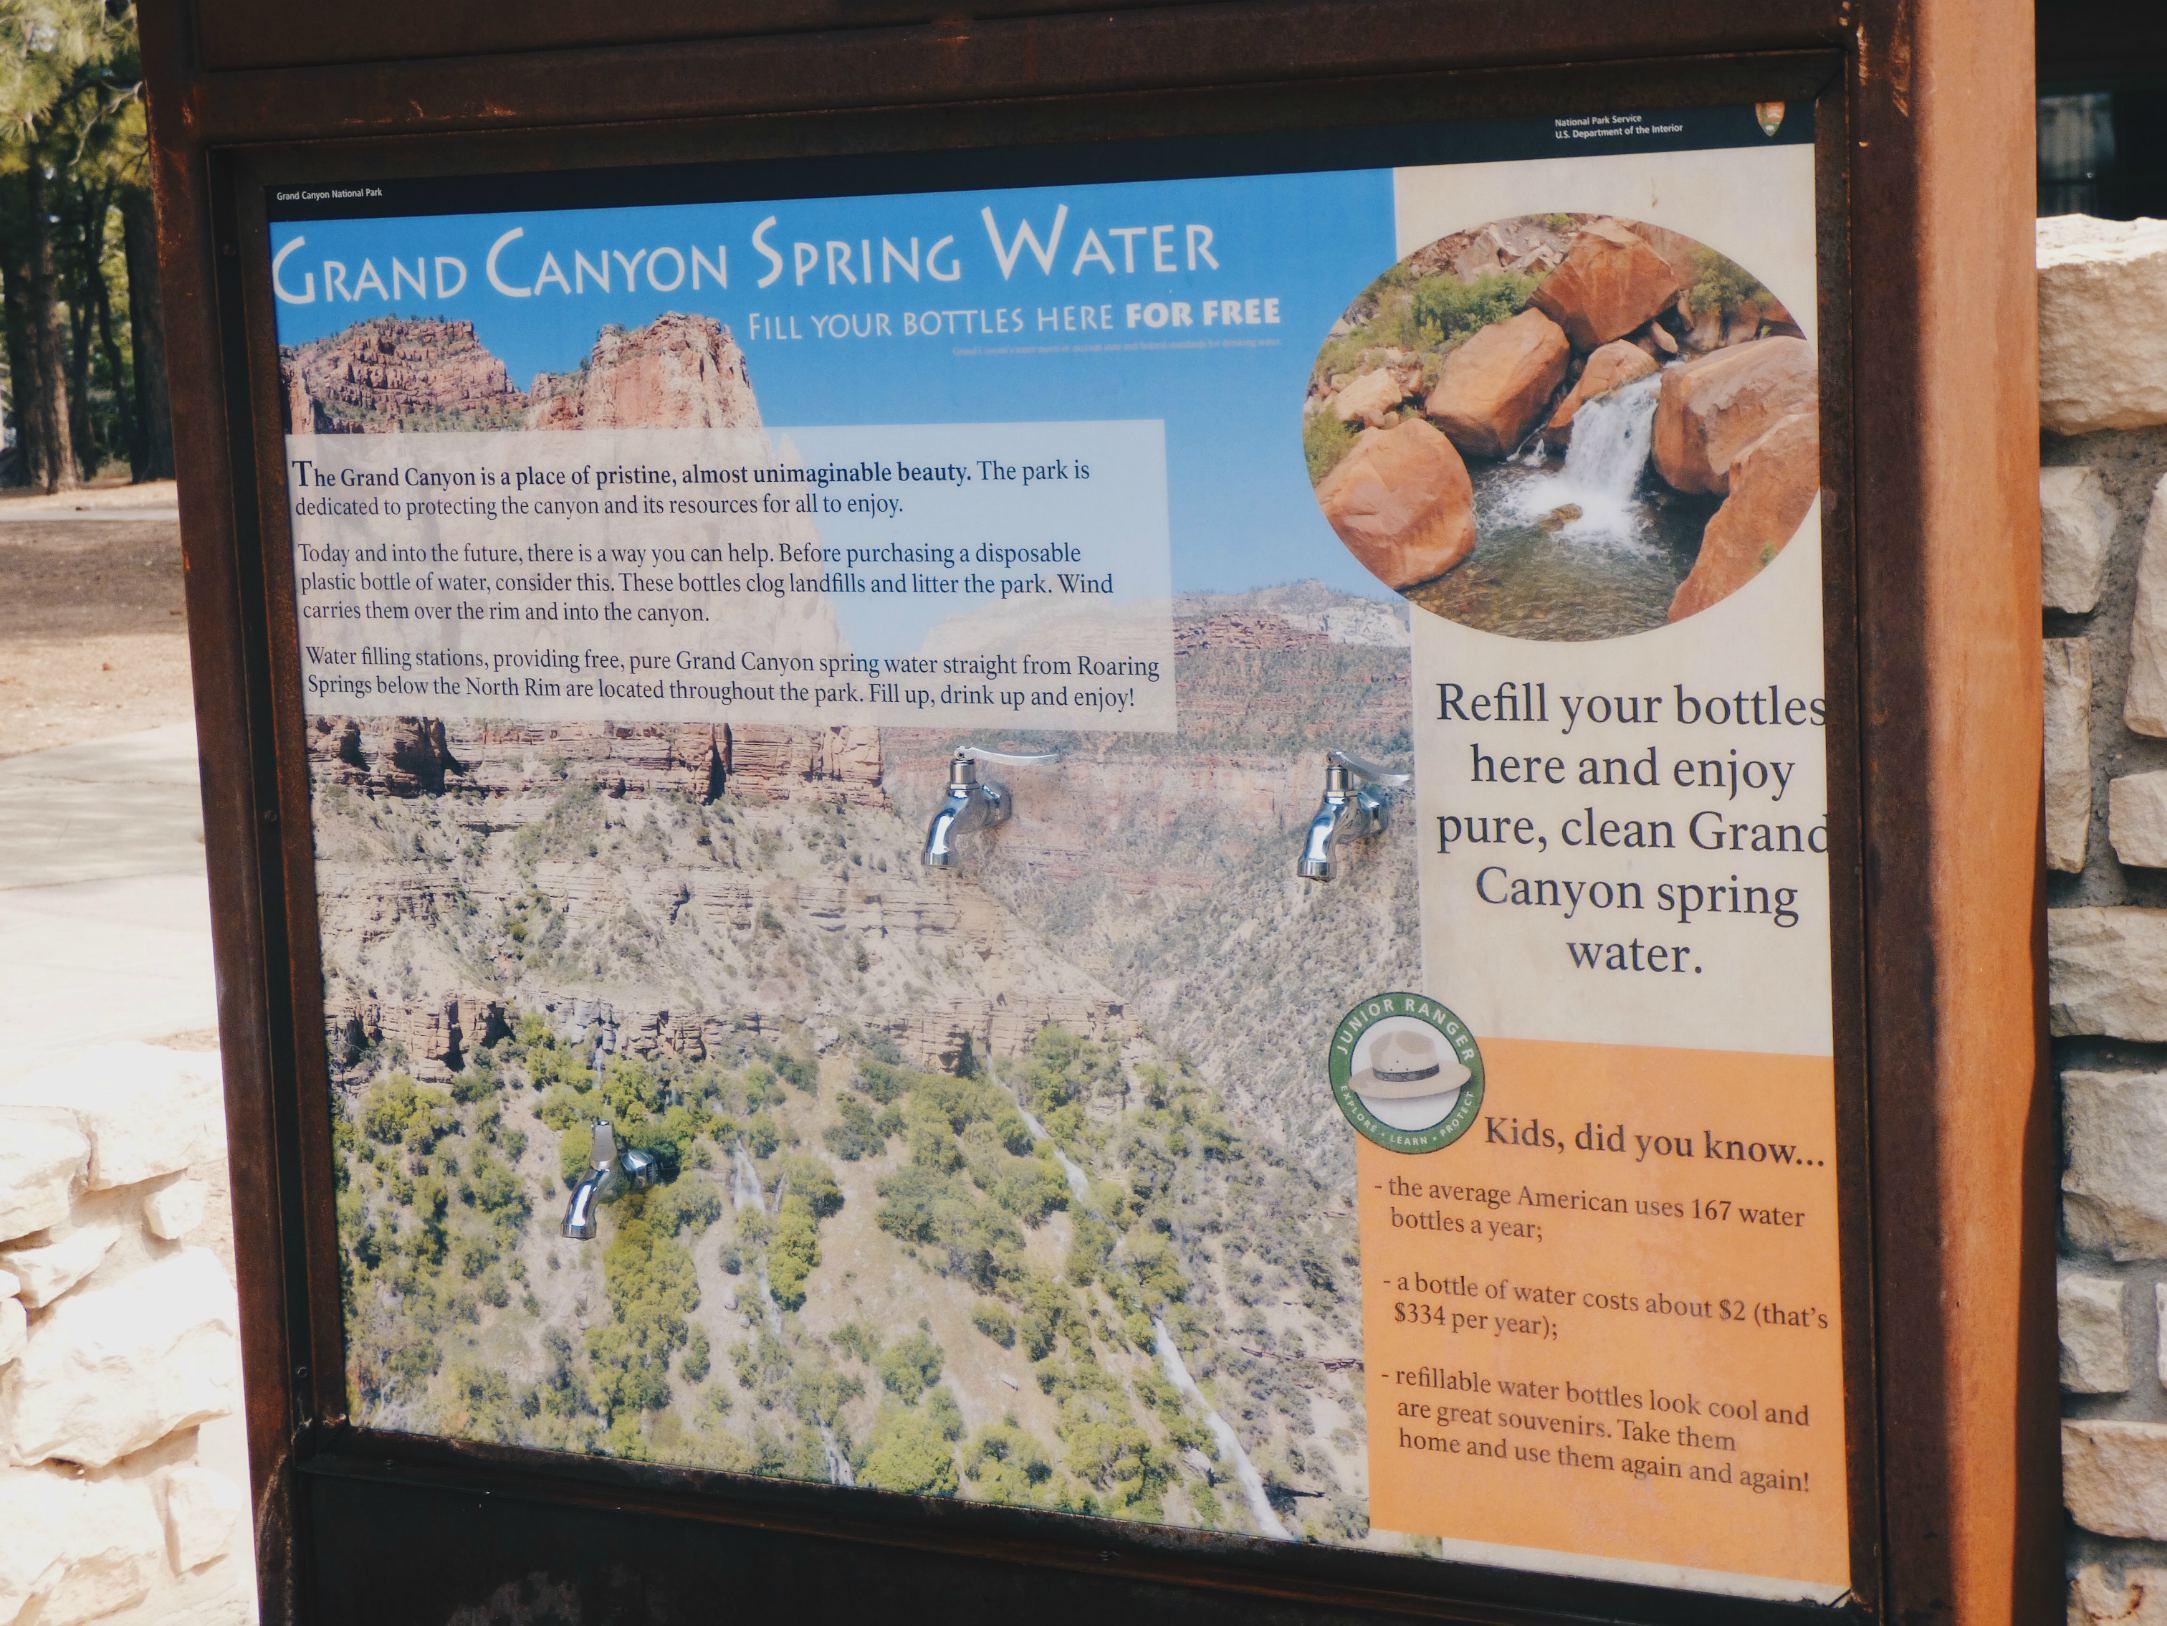 North Rimillä voi täyttää vesipullon suoraan Grand Canyonin lähteistä tulevalla vedellä, ja näin ei tarvitse ostaa kertakäyttöisiä muovipulloja!